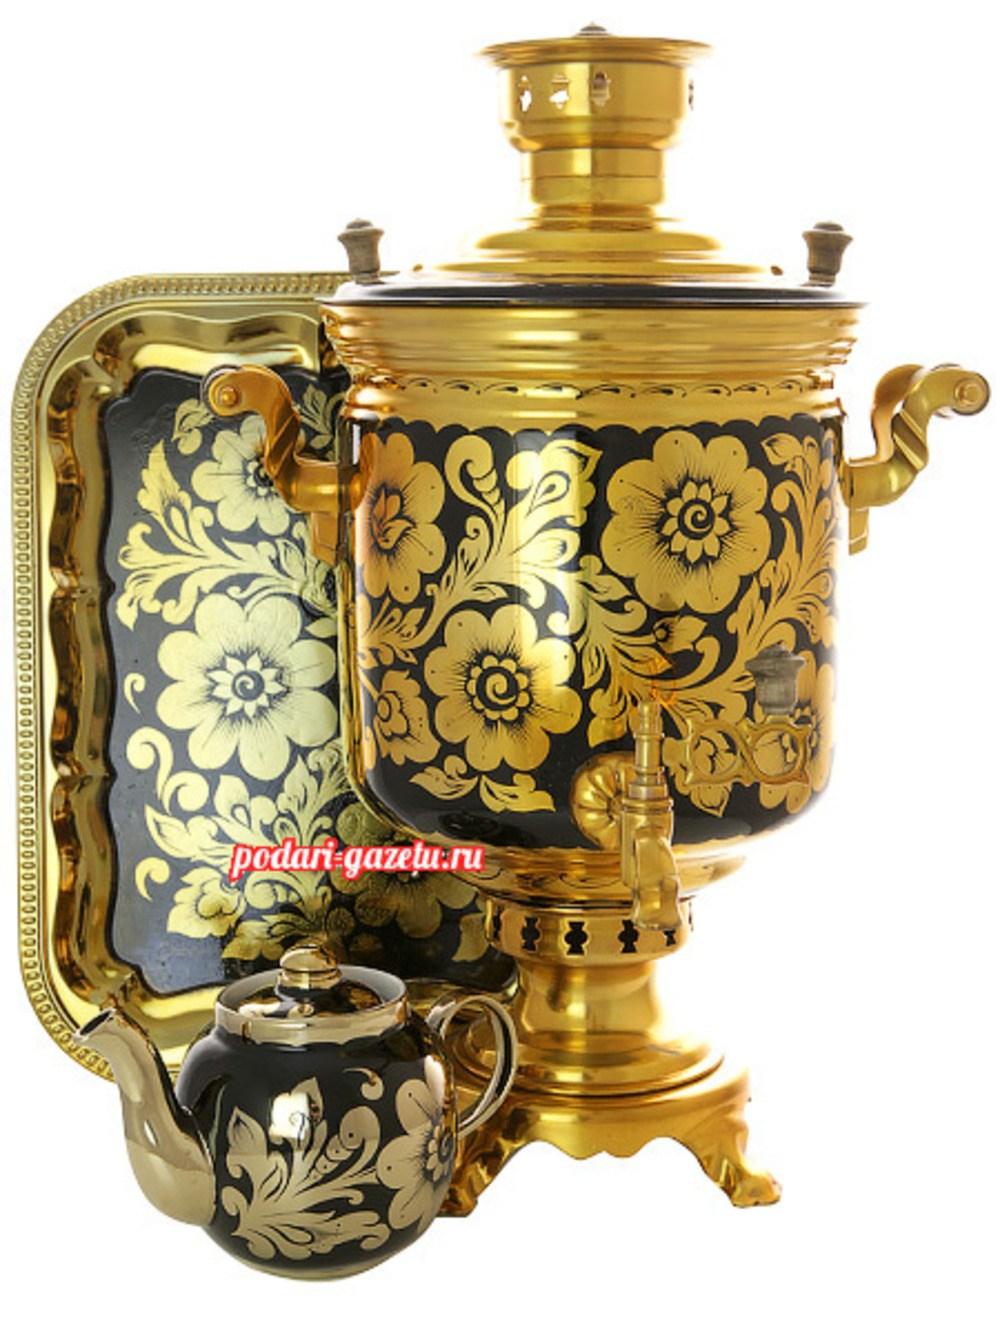 Набор: угольный самовар (жаровый, дровяной, на дровах) 5 литров цилиндр с художественной росписью Золотая хохлома